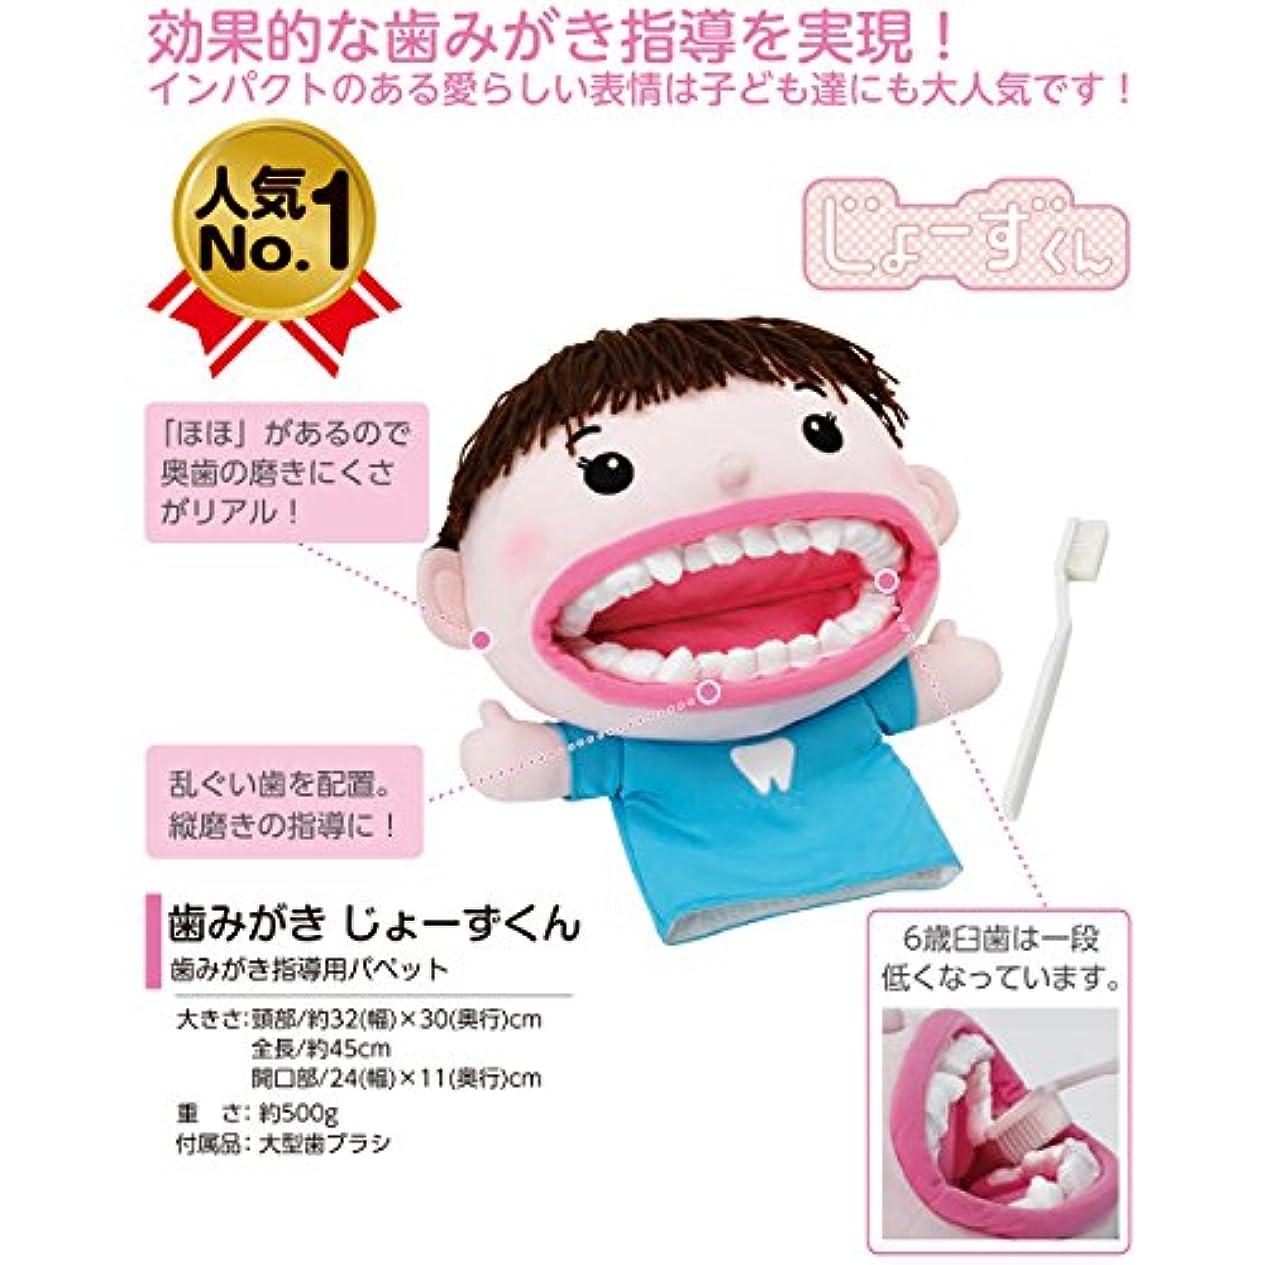 昇進赤外線届ける歯みがき じょーずくん 歯磨き 指導用 教育用 パペット 人形 ぬいぐるみ